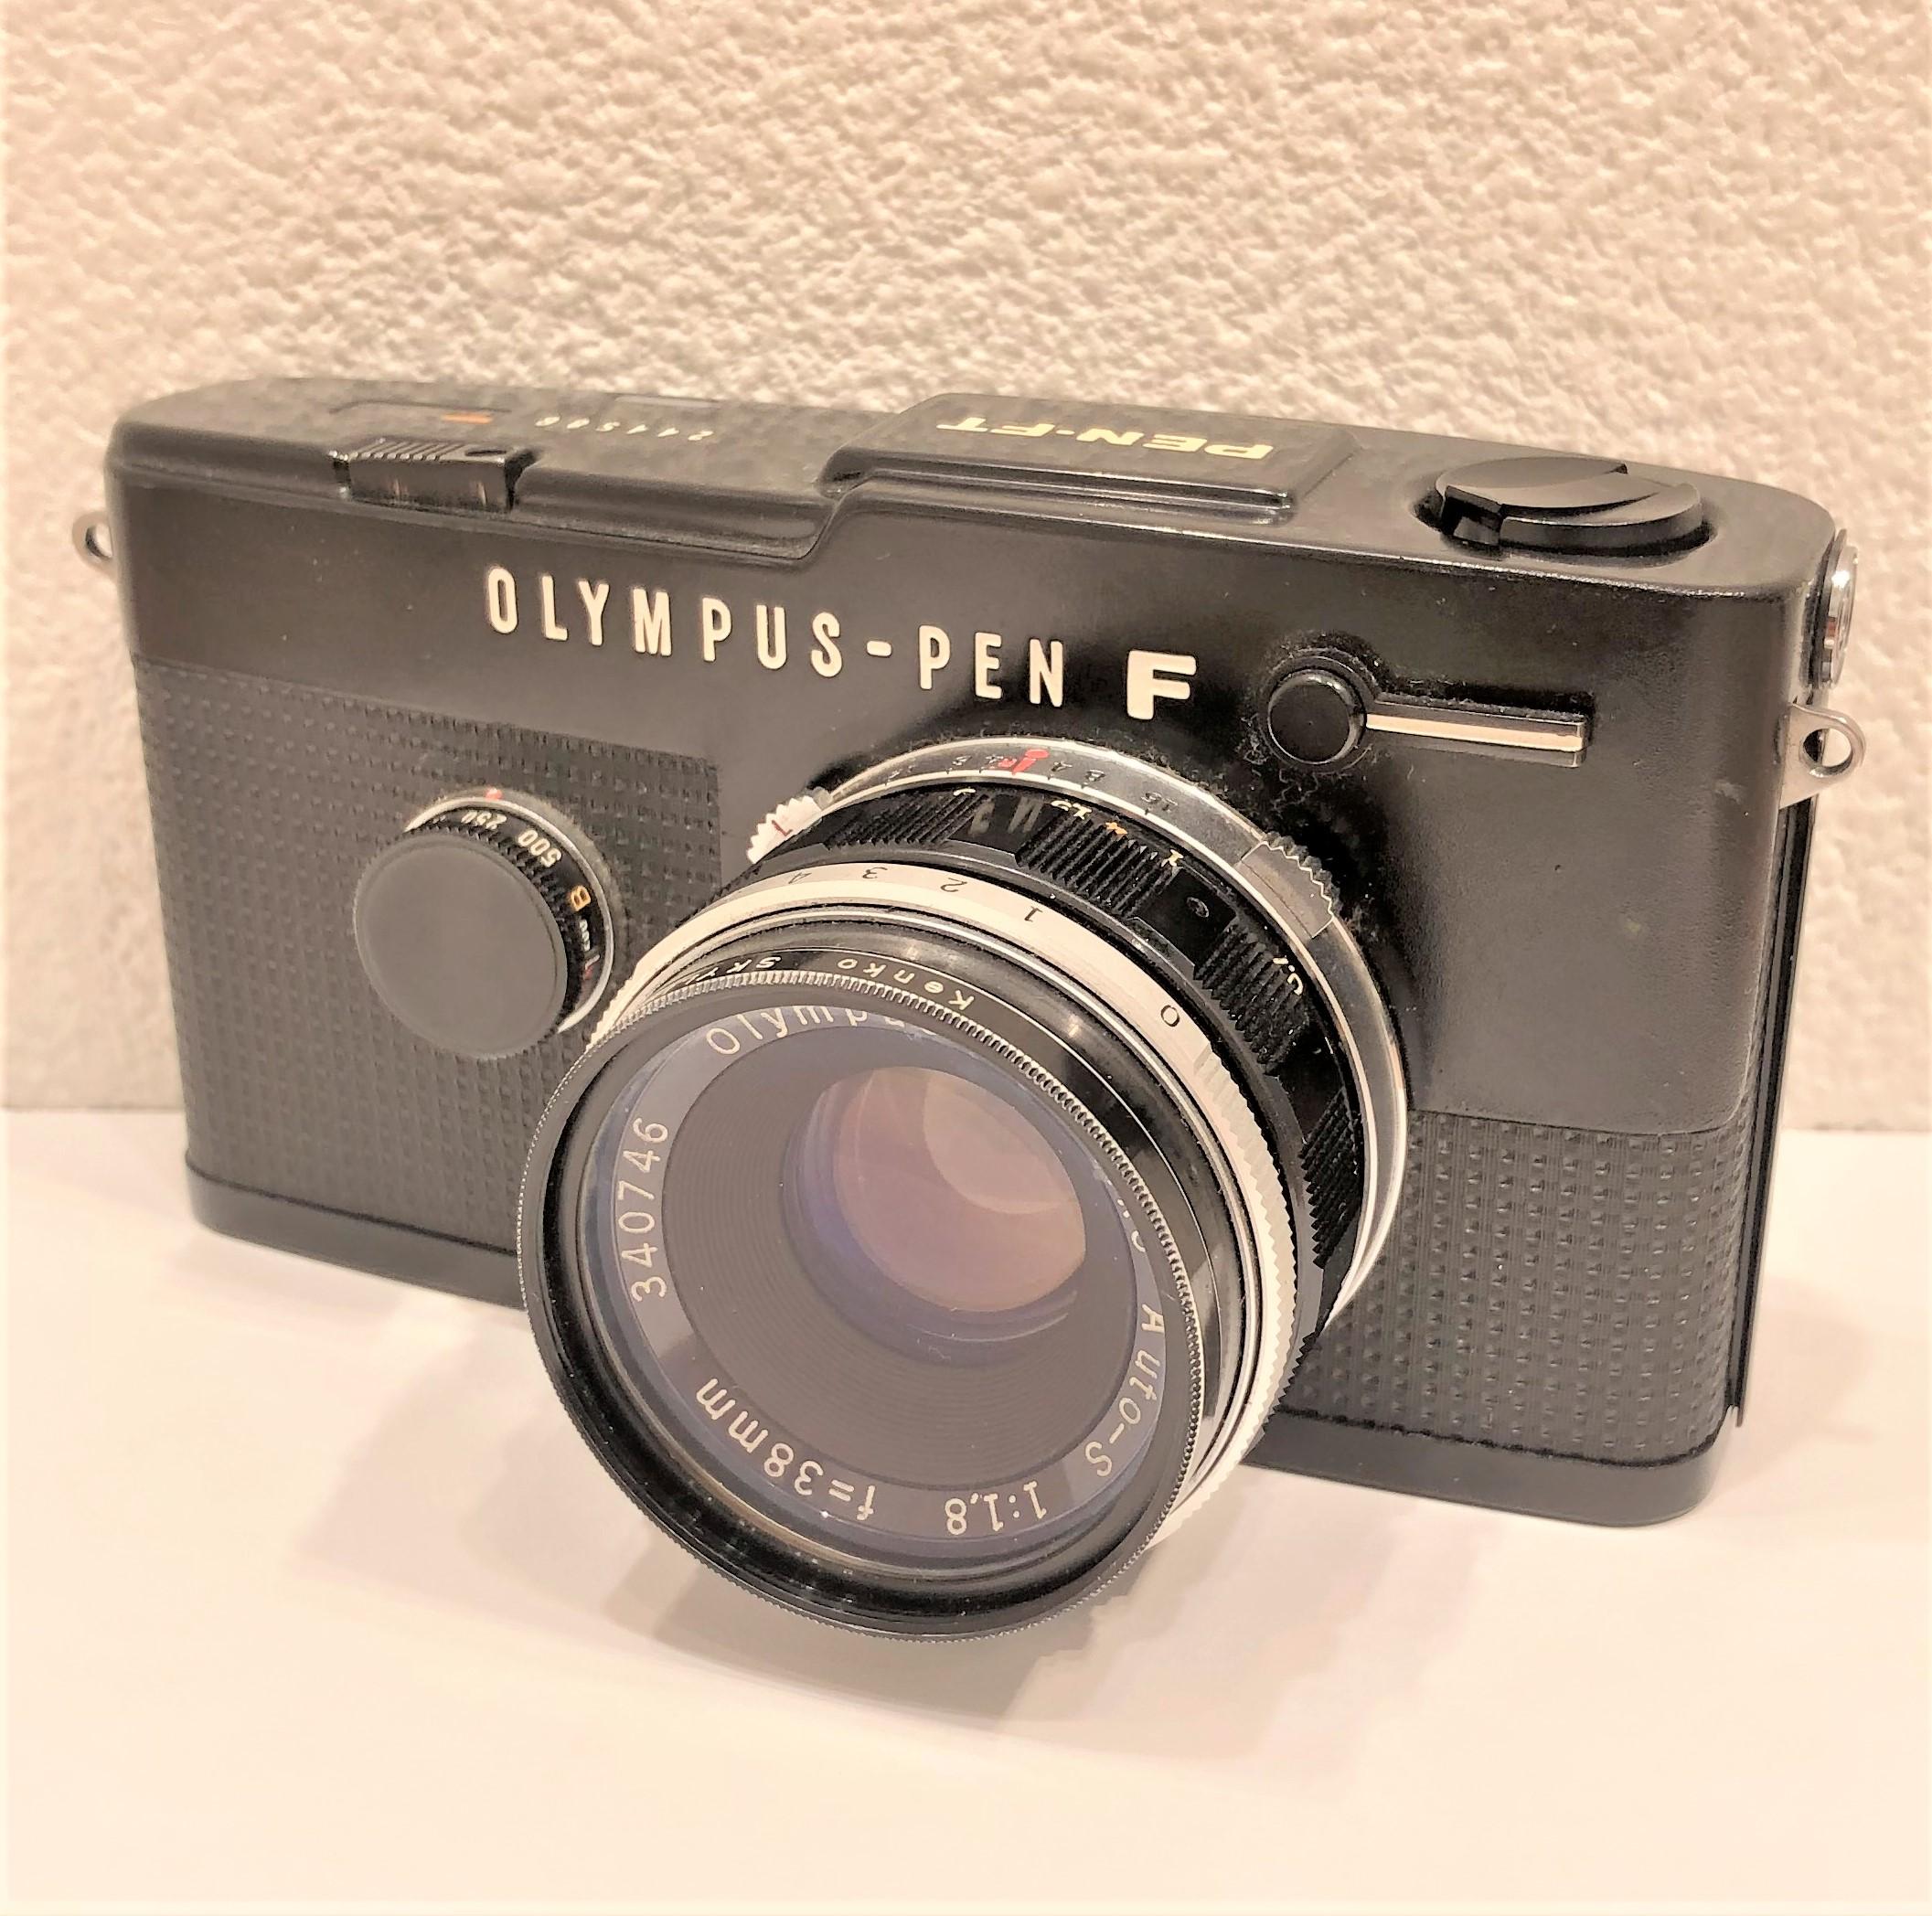 【PLYMPUS/オリンパス】PEN-FT F.Zuiko Auto-S 1.8 38mm フィルムカメラ